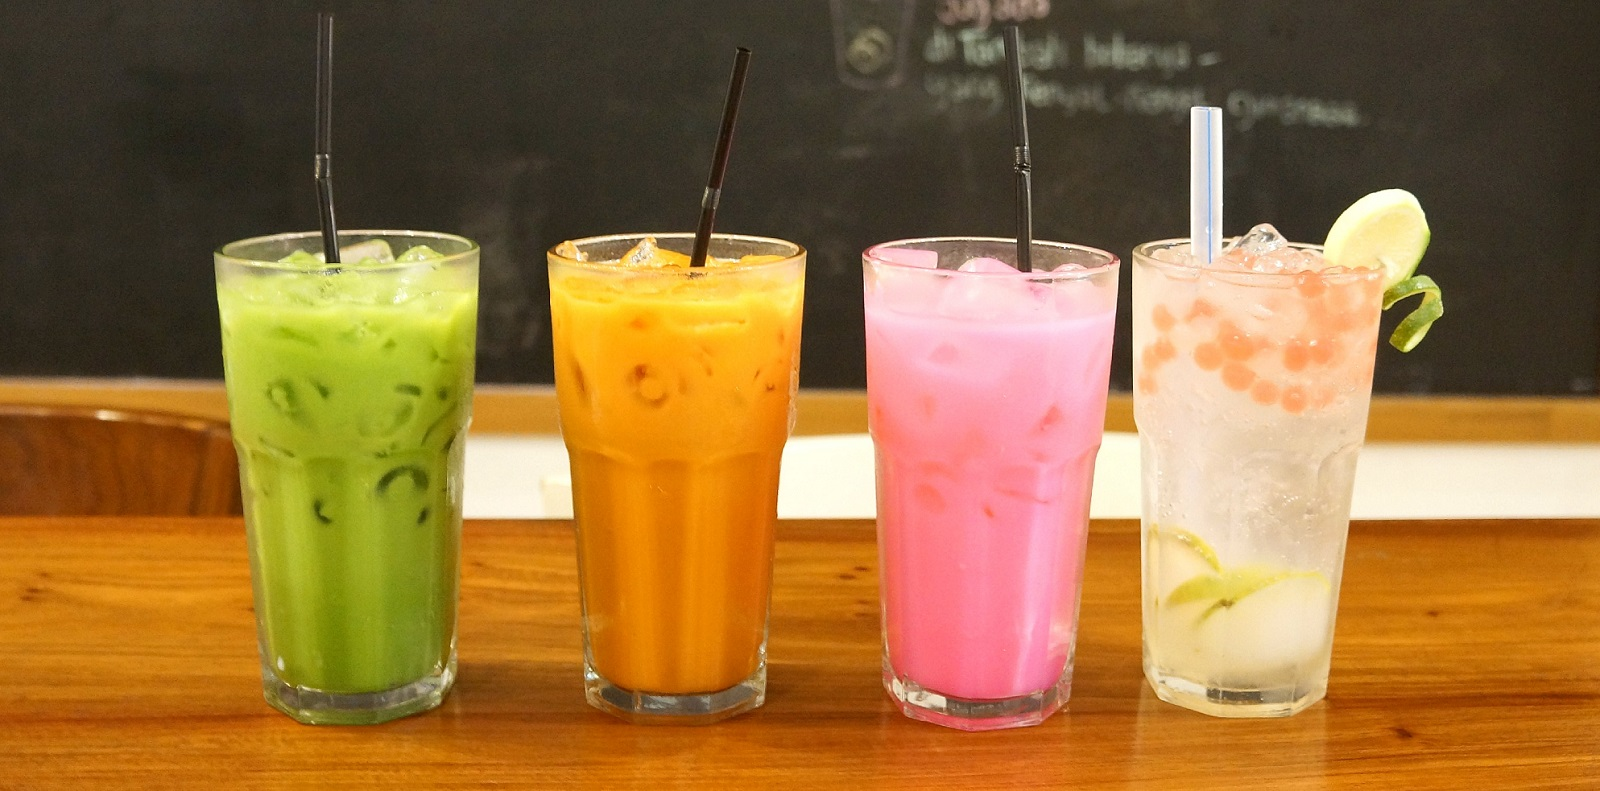 Kinh doanh trà sữa phải ngon và chất lượng đảm bảo